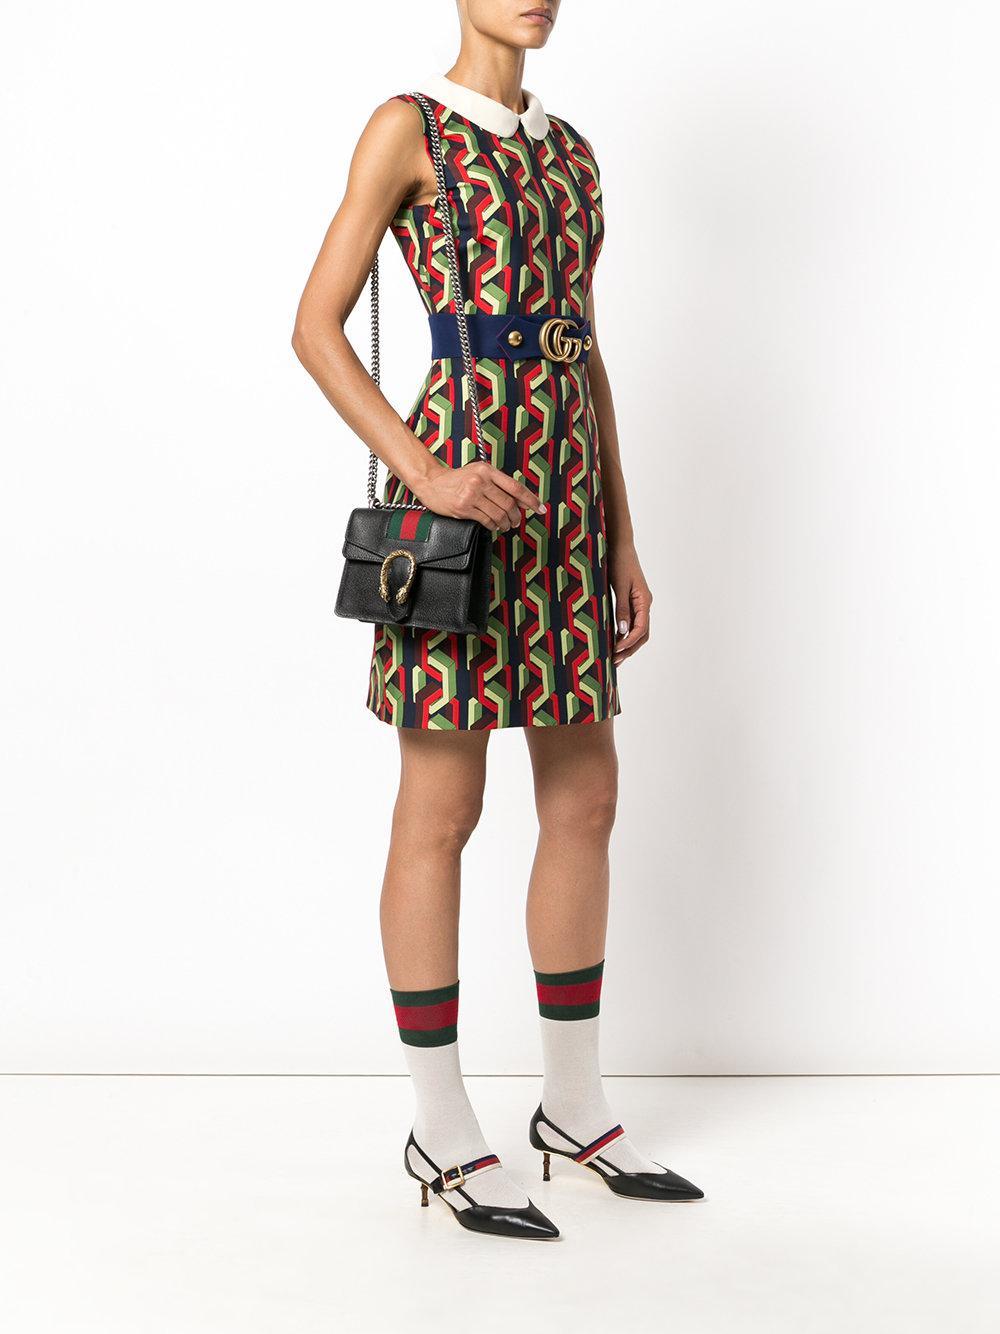 0fe24abd9f0f Gucci Gg Web Dionysus Shoulder Bag in Black - Lyst